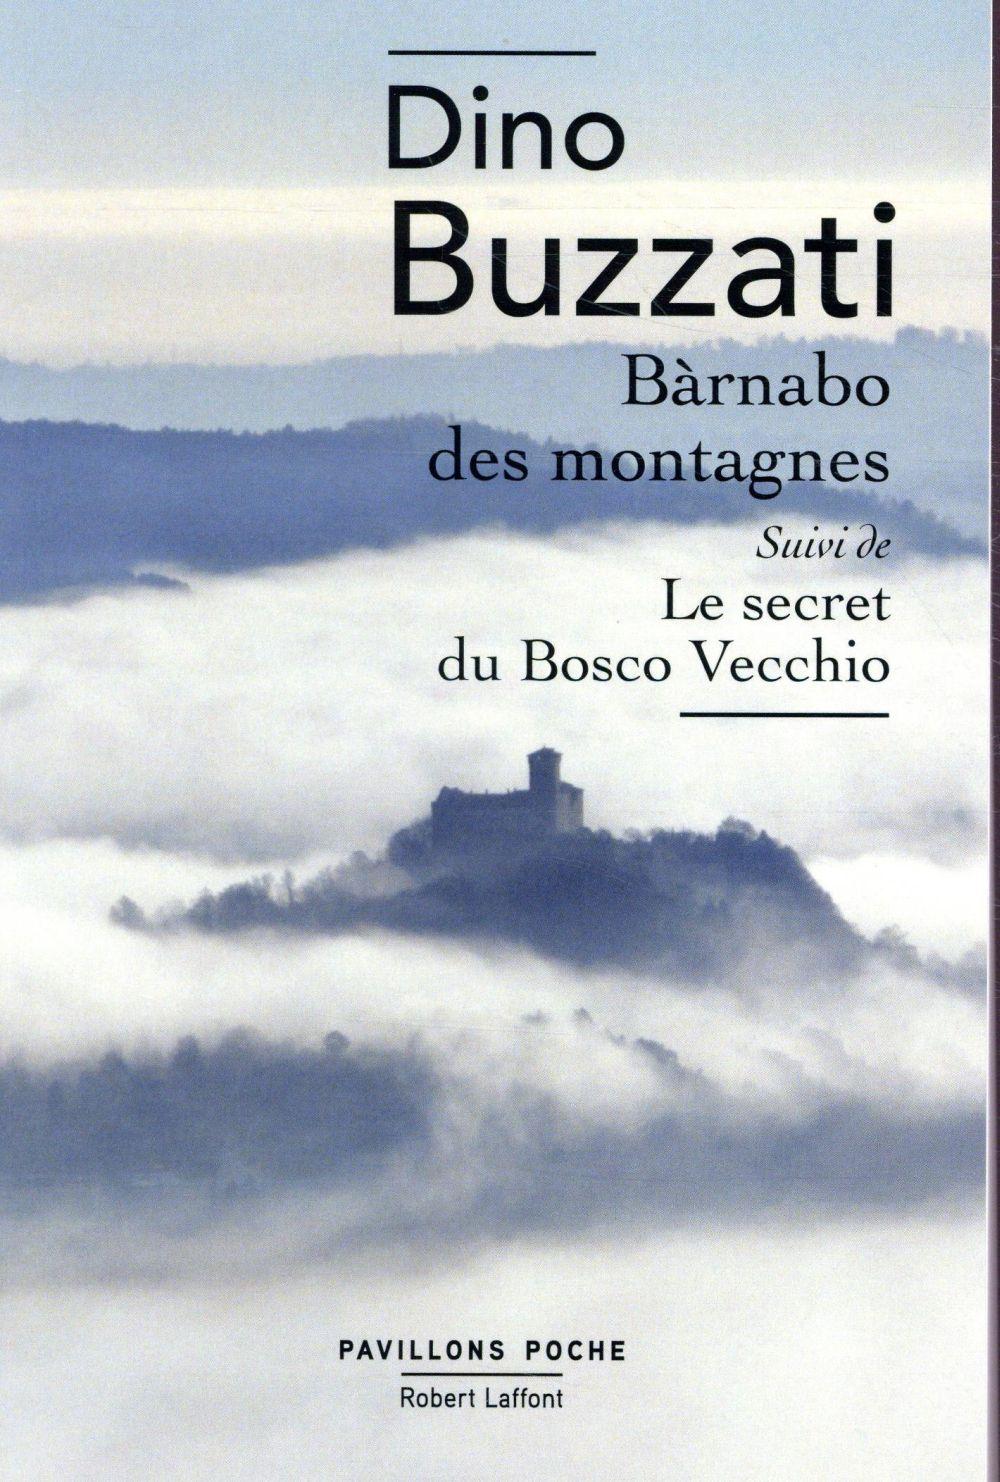 BARNABO DES MONTAGNES - NOUVELLE EDITION - PAVILLONS POCHE